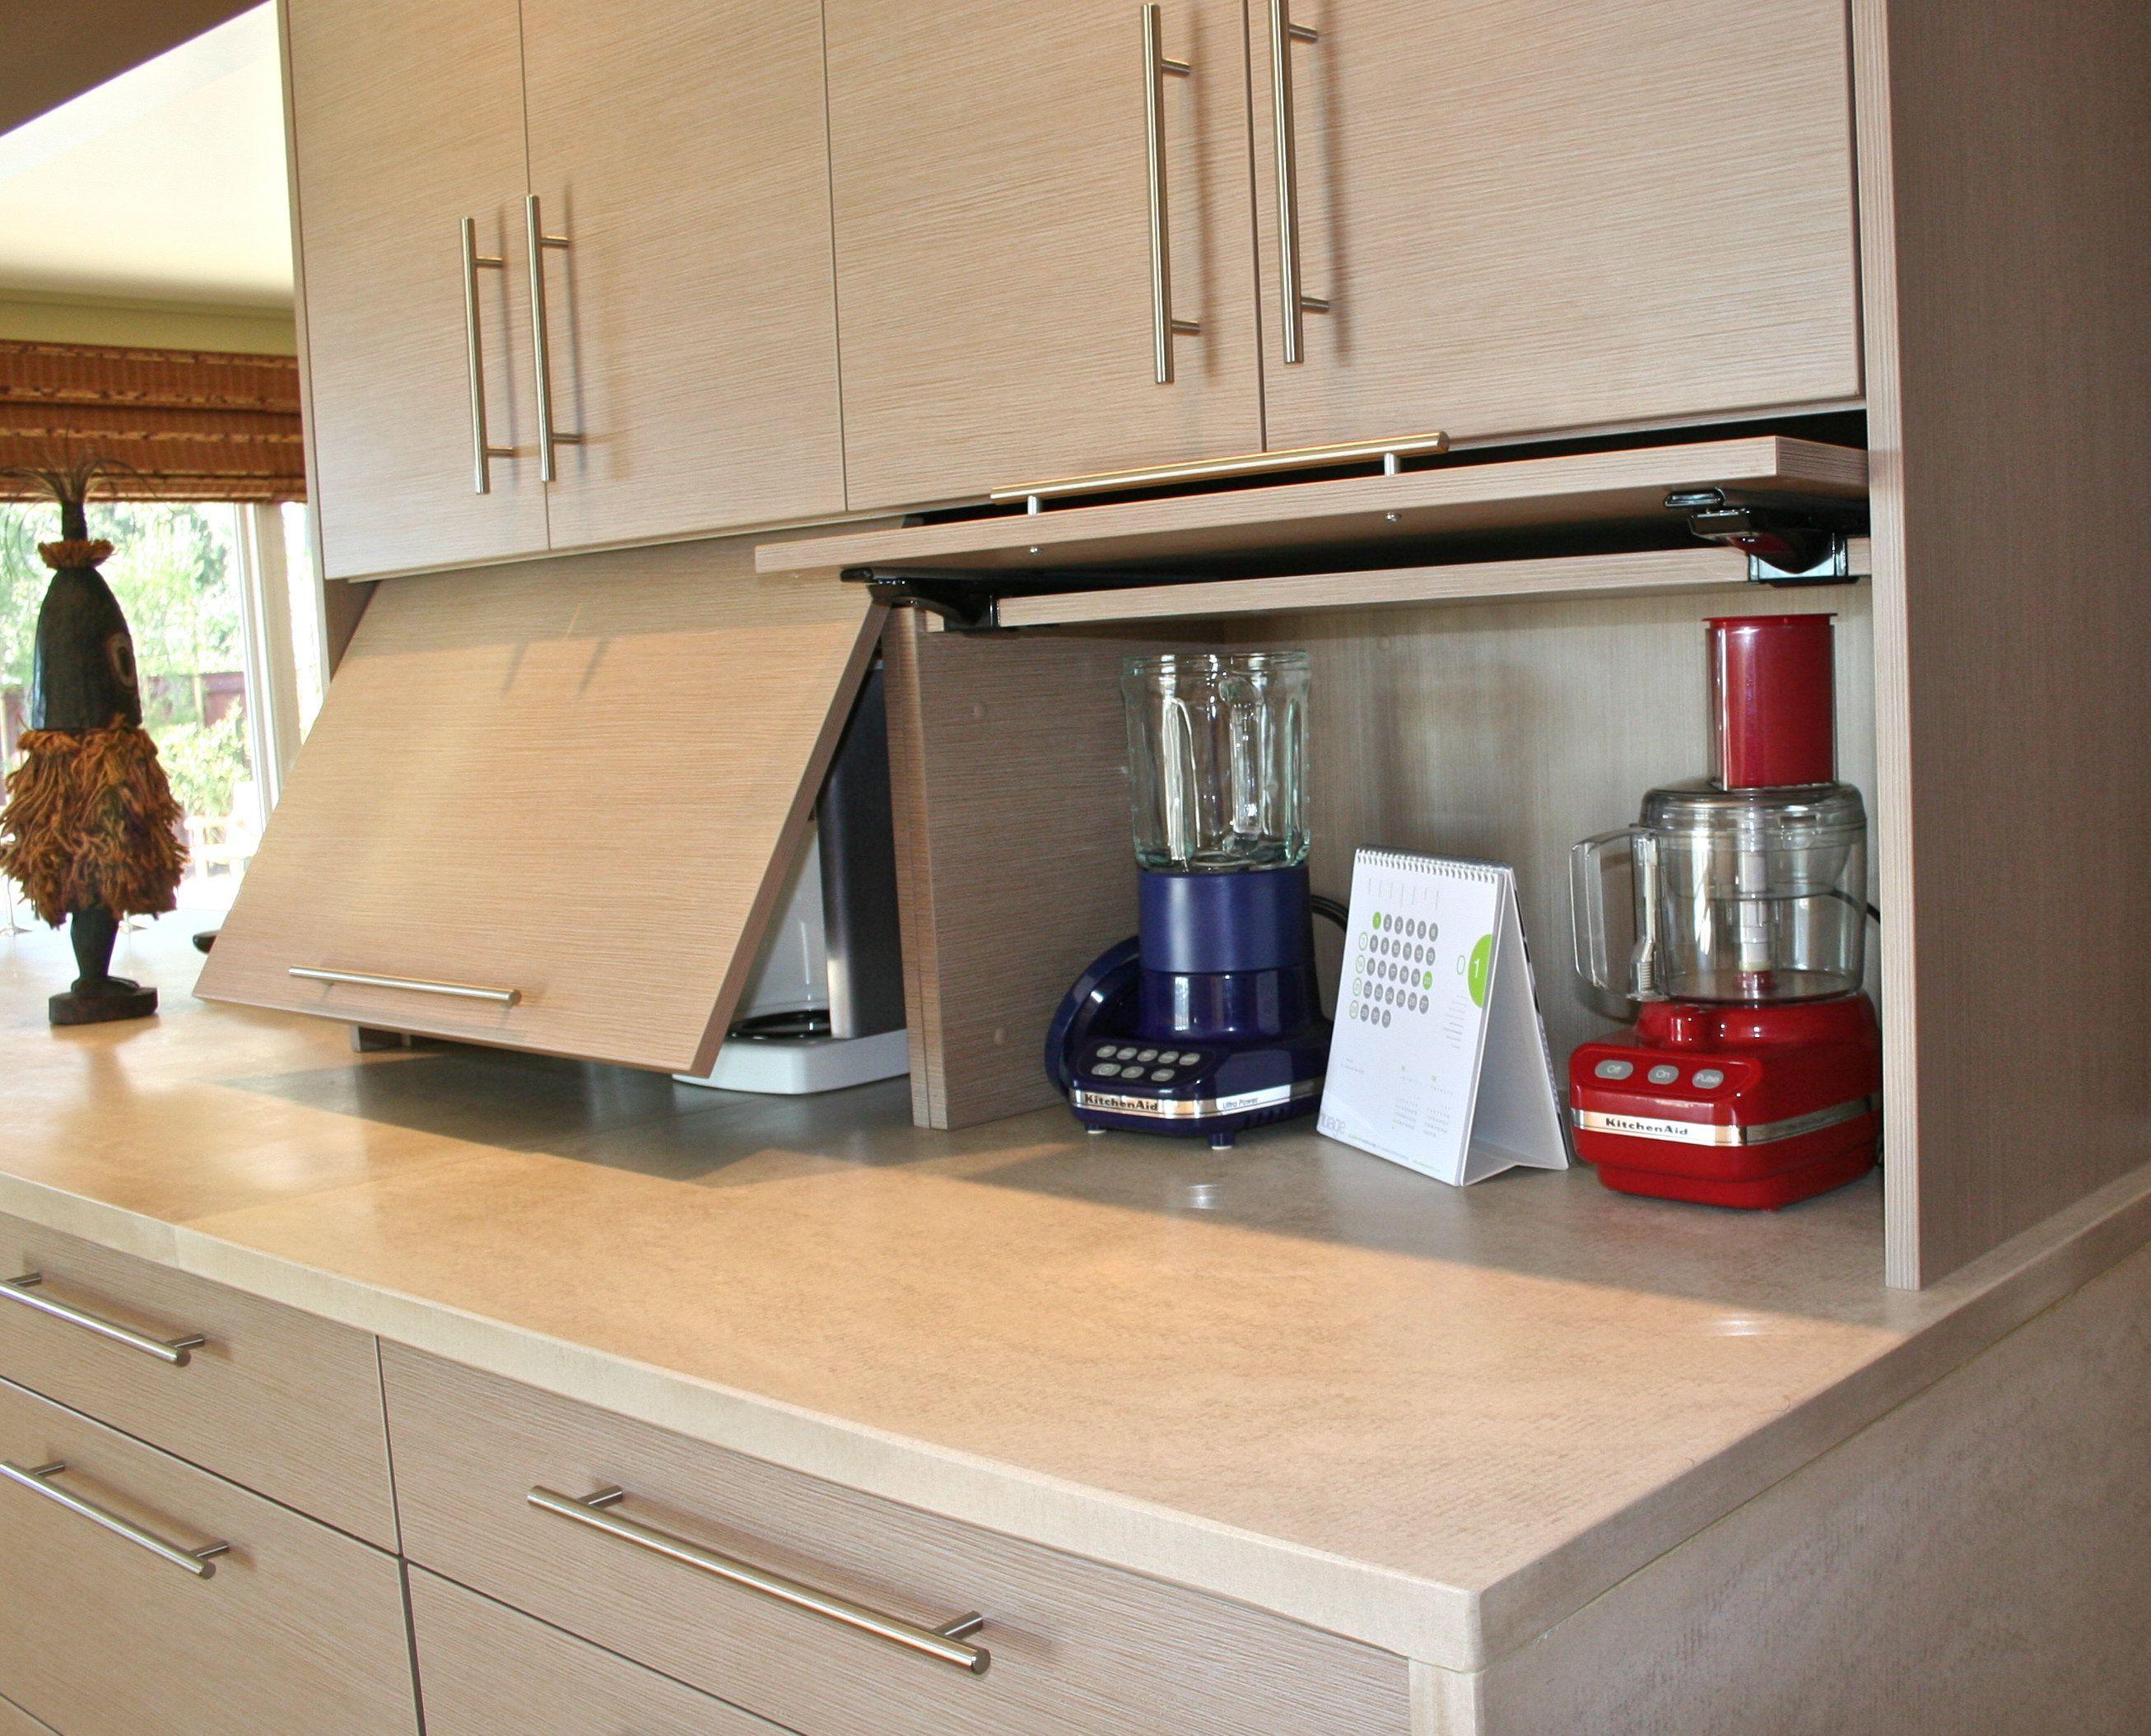 Appliance Stationnement Appliance Stationnement Montee By Christinpeter64 Appliance G In 2020 Small Kitchen Appliance Storage Kitchen Cabinets Diy Kitchen Remodel